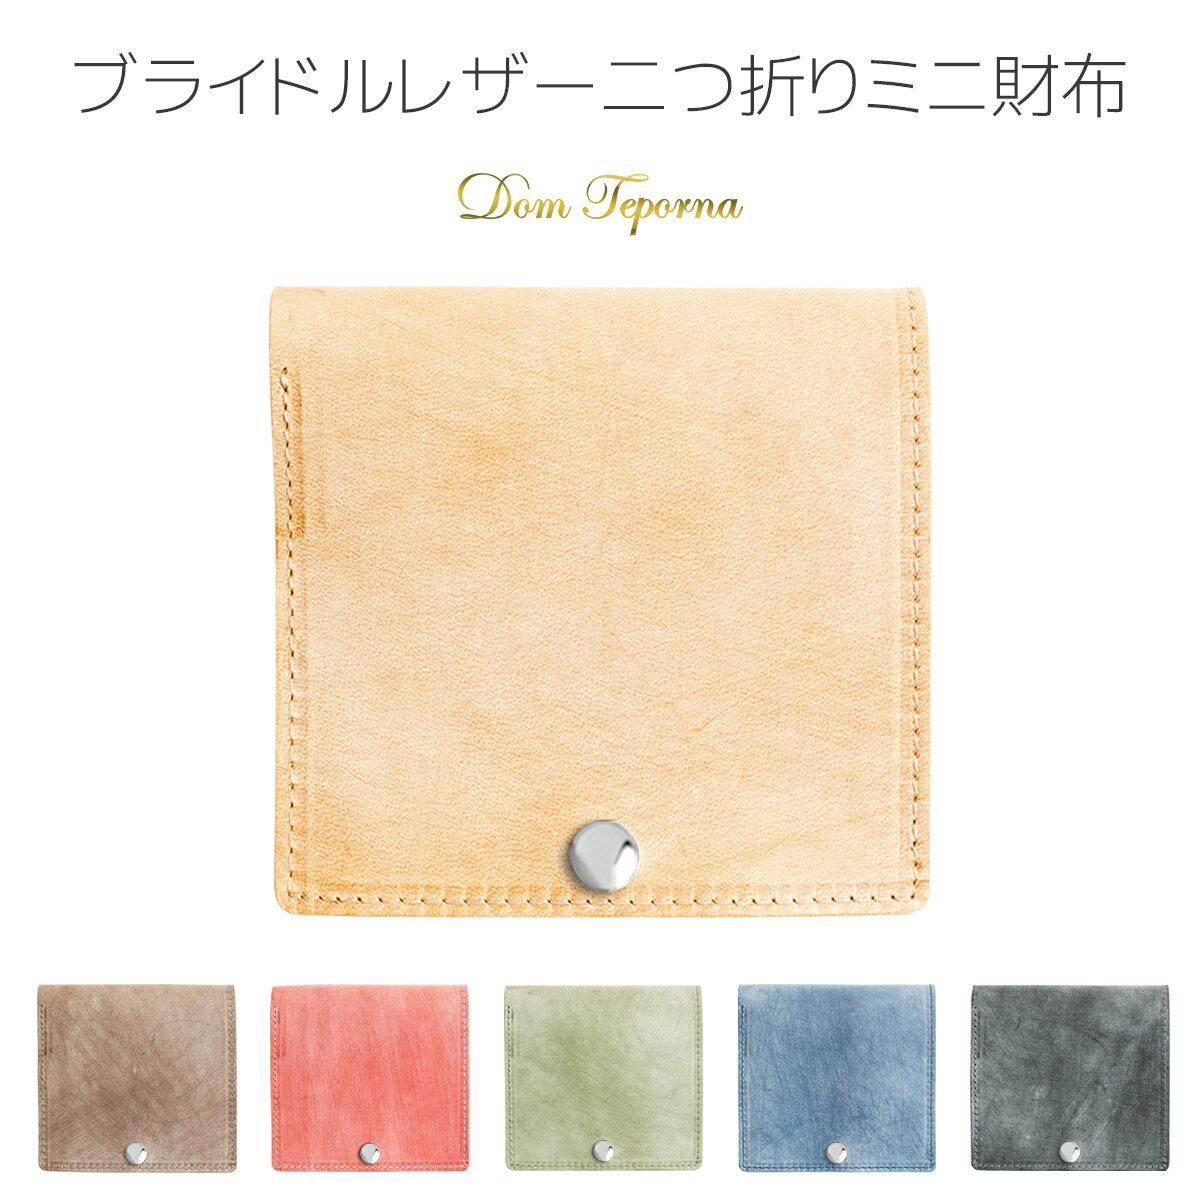 Dom Teporna 二つ折り財布